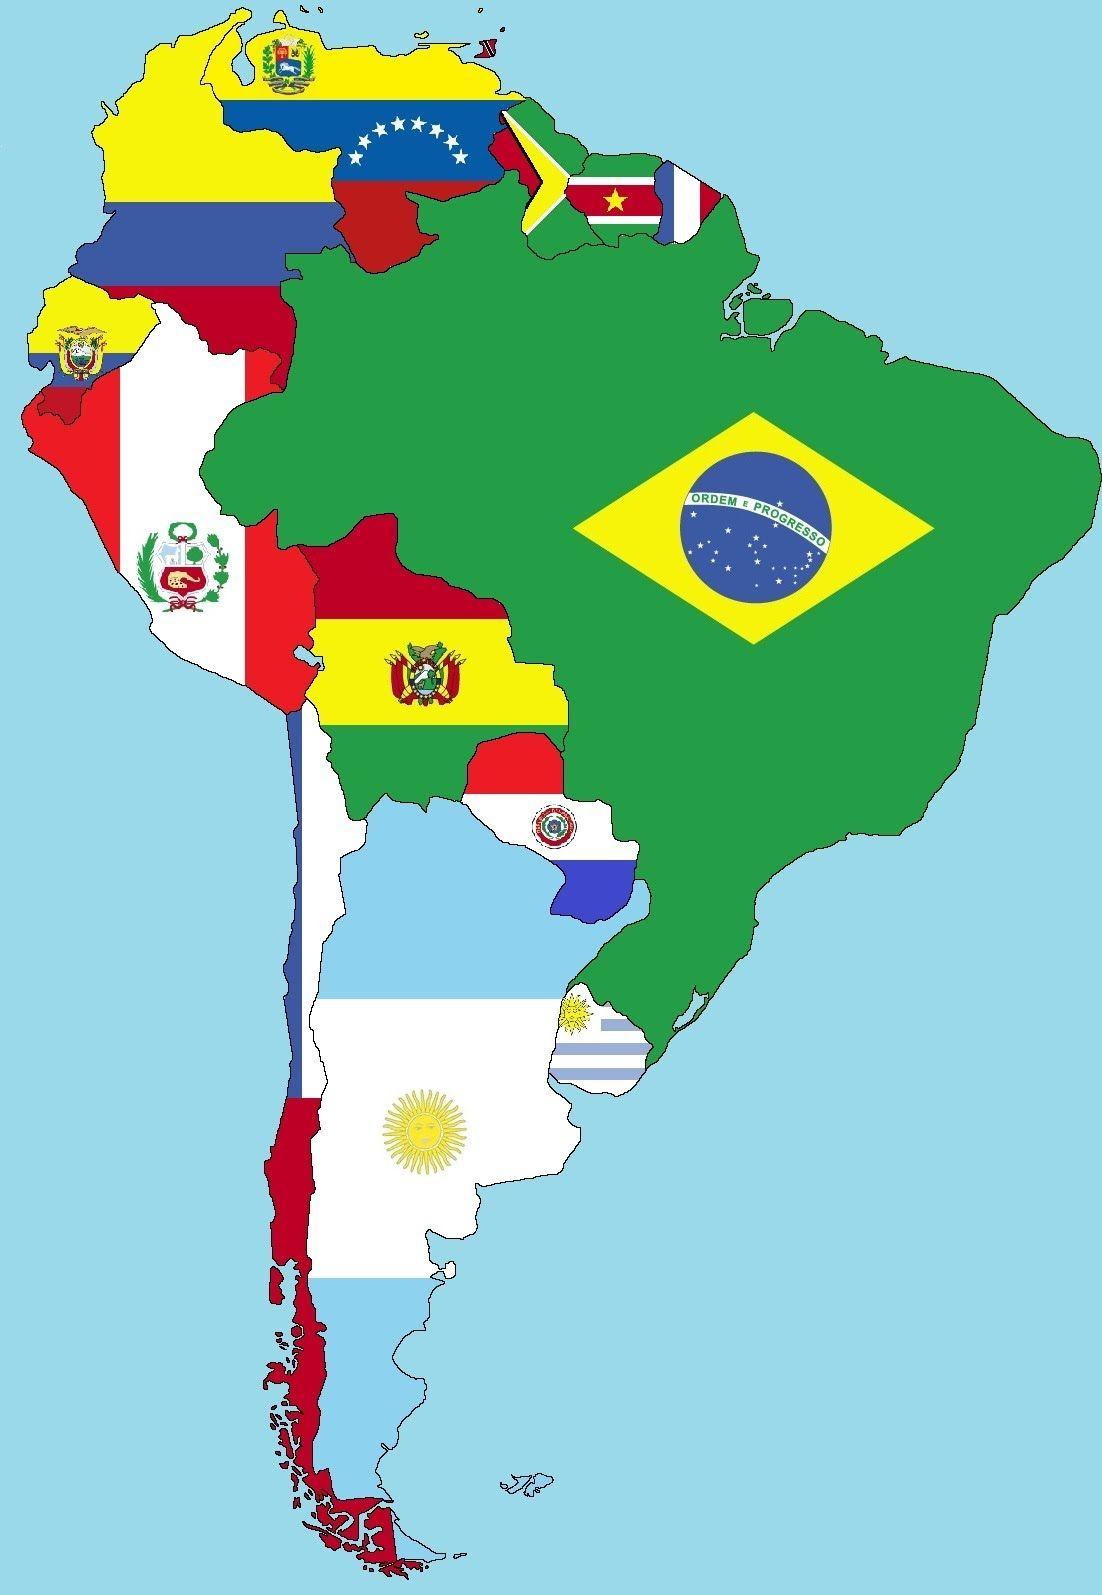 Banderas De América Del Sur Mapa De America Del Sur Mapa De America Latina Banderas De América Latina